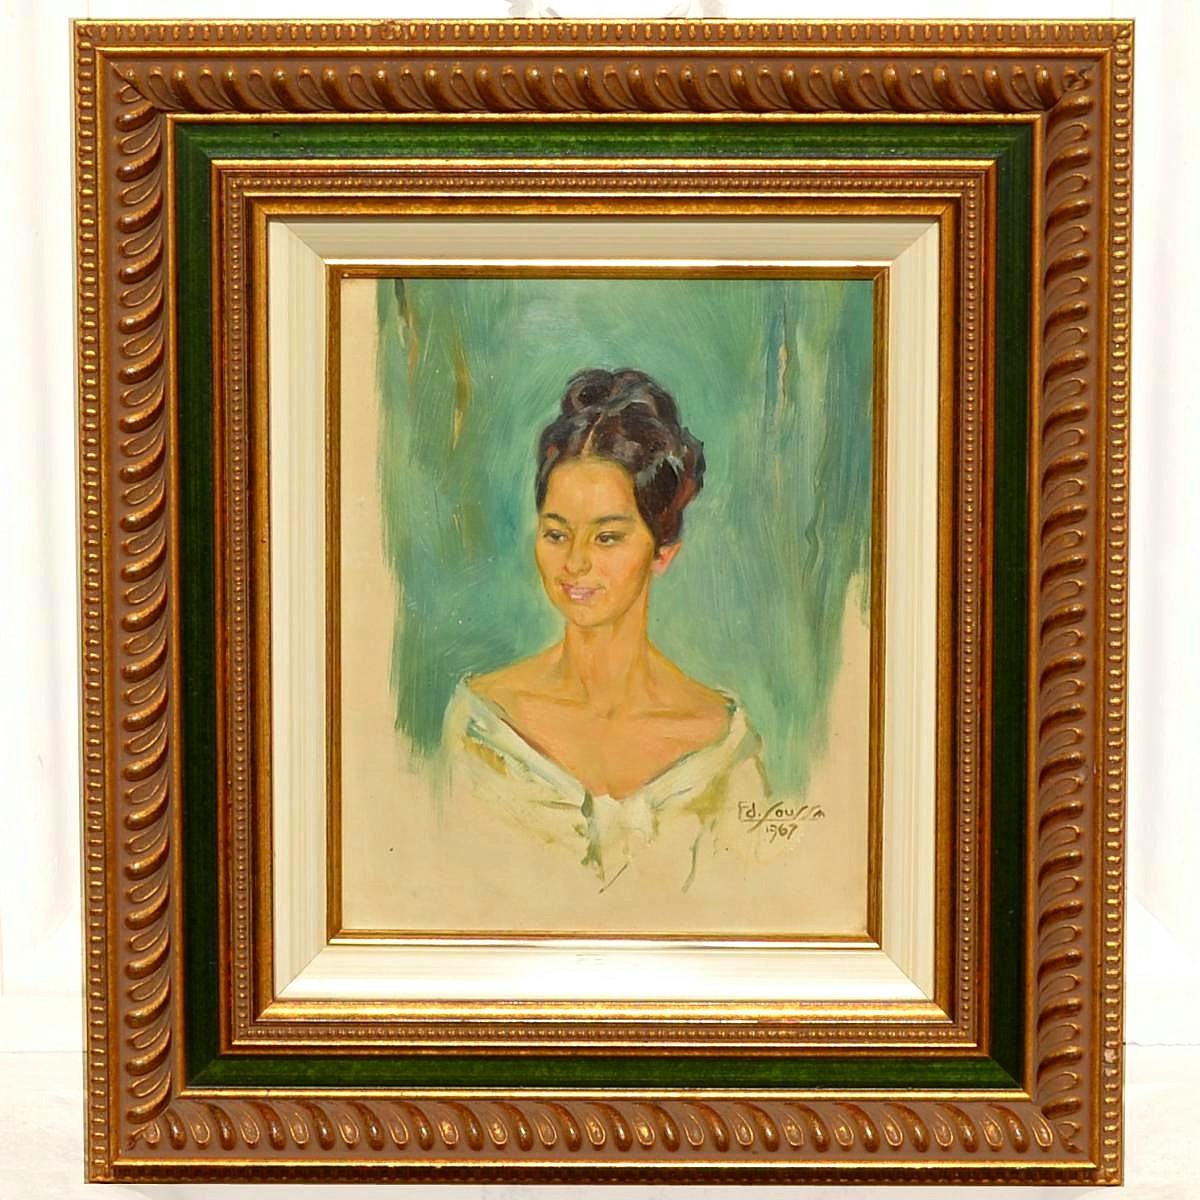 Portrait de jeune femme par Edmond Soussa